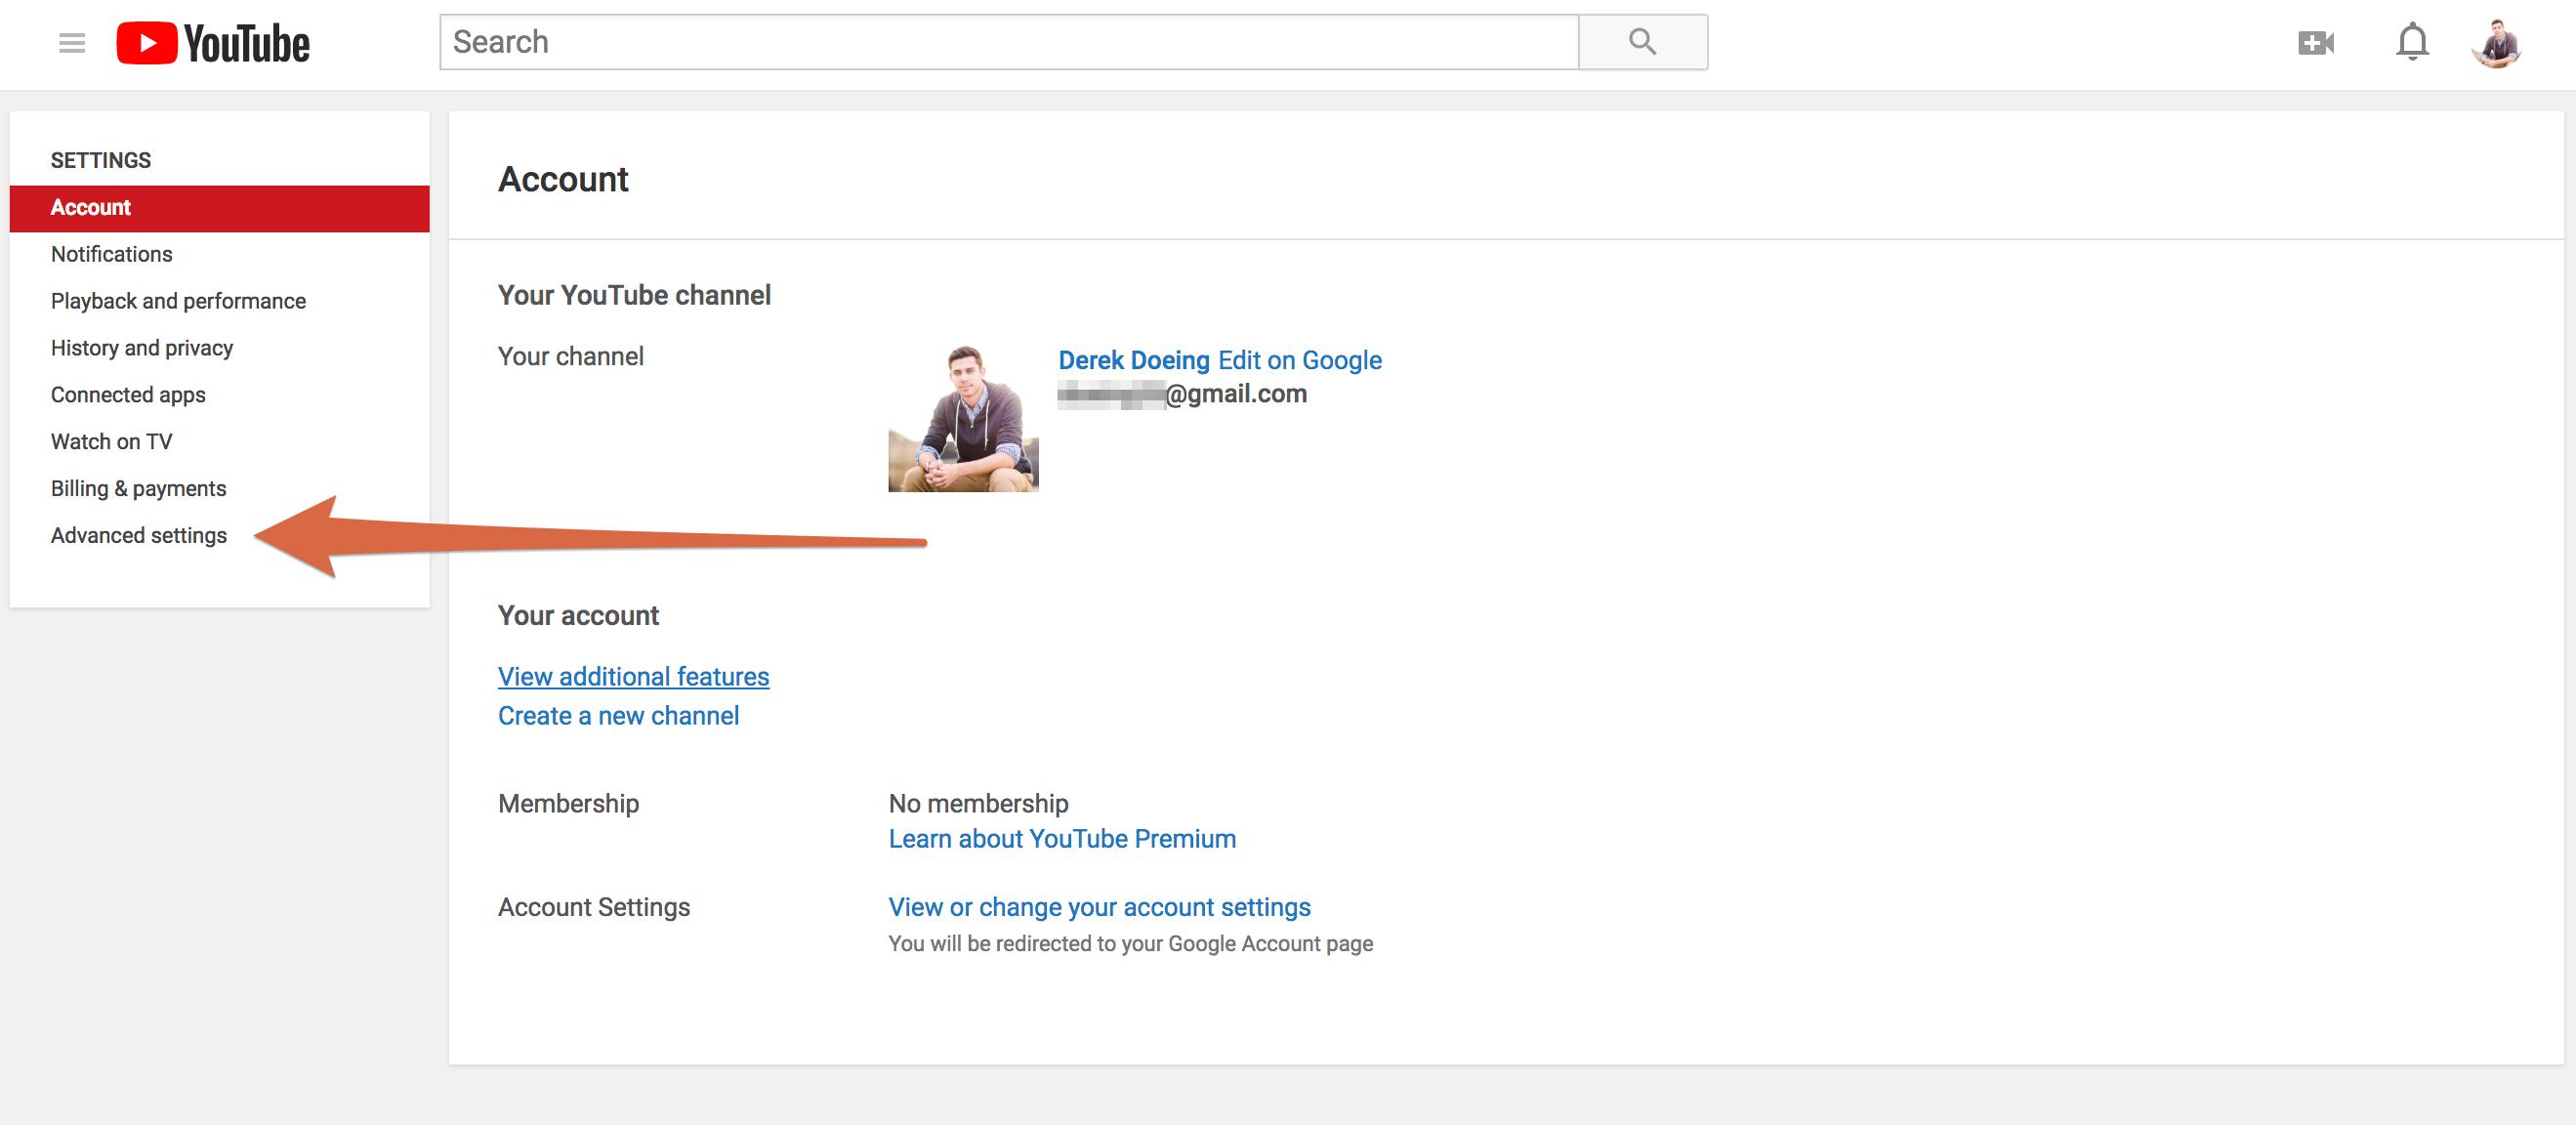 youtube-account-screen